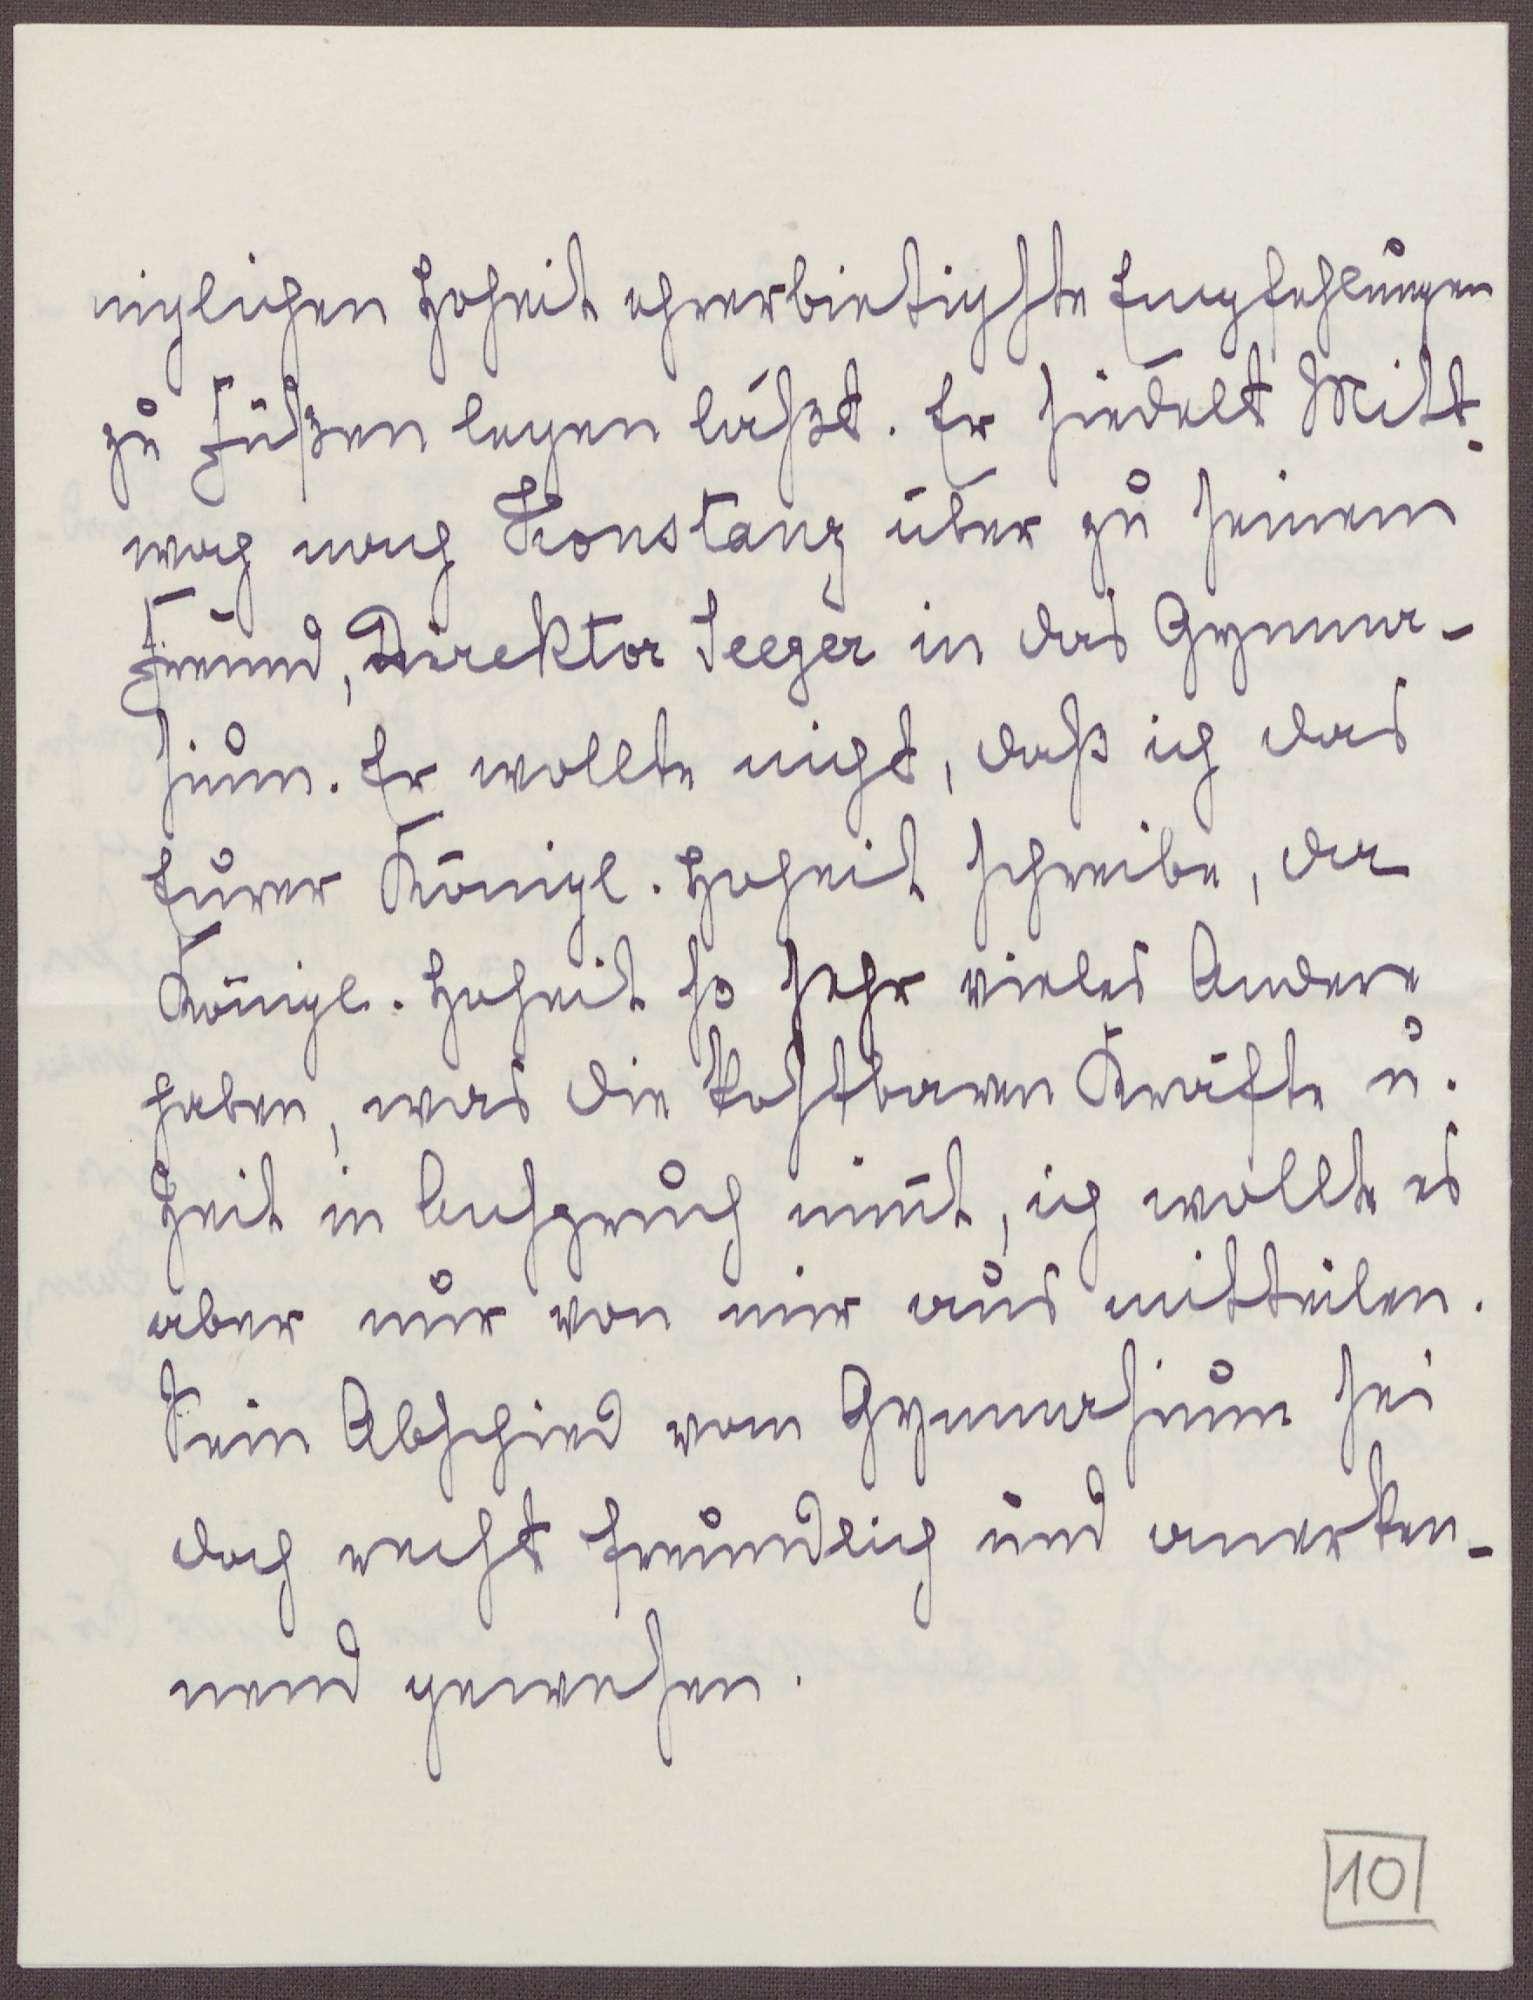 Schreiben von Emilie Göler von Ravensburg an Großherzogin Luise; Treffen mit Frau Wundt in Überlingen, Bild 3